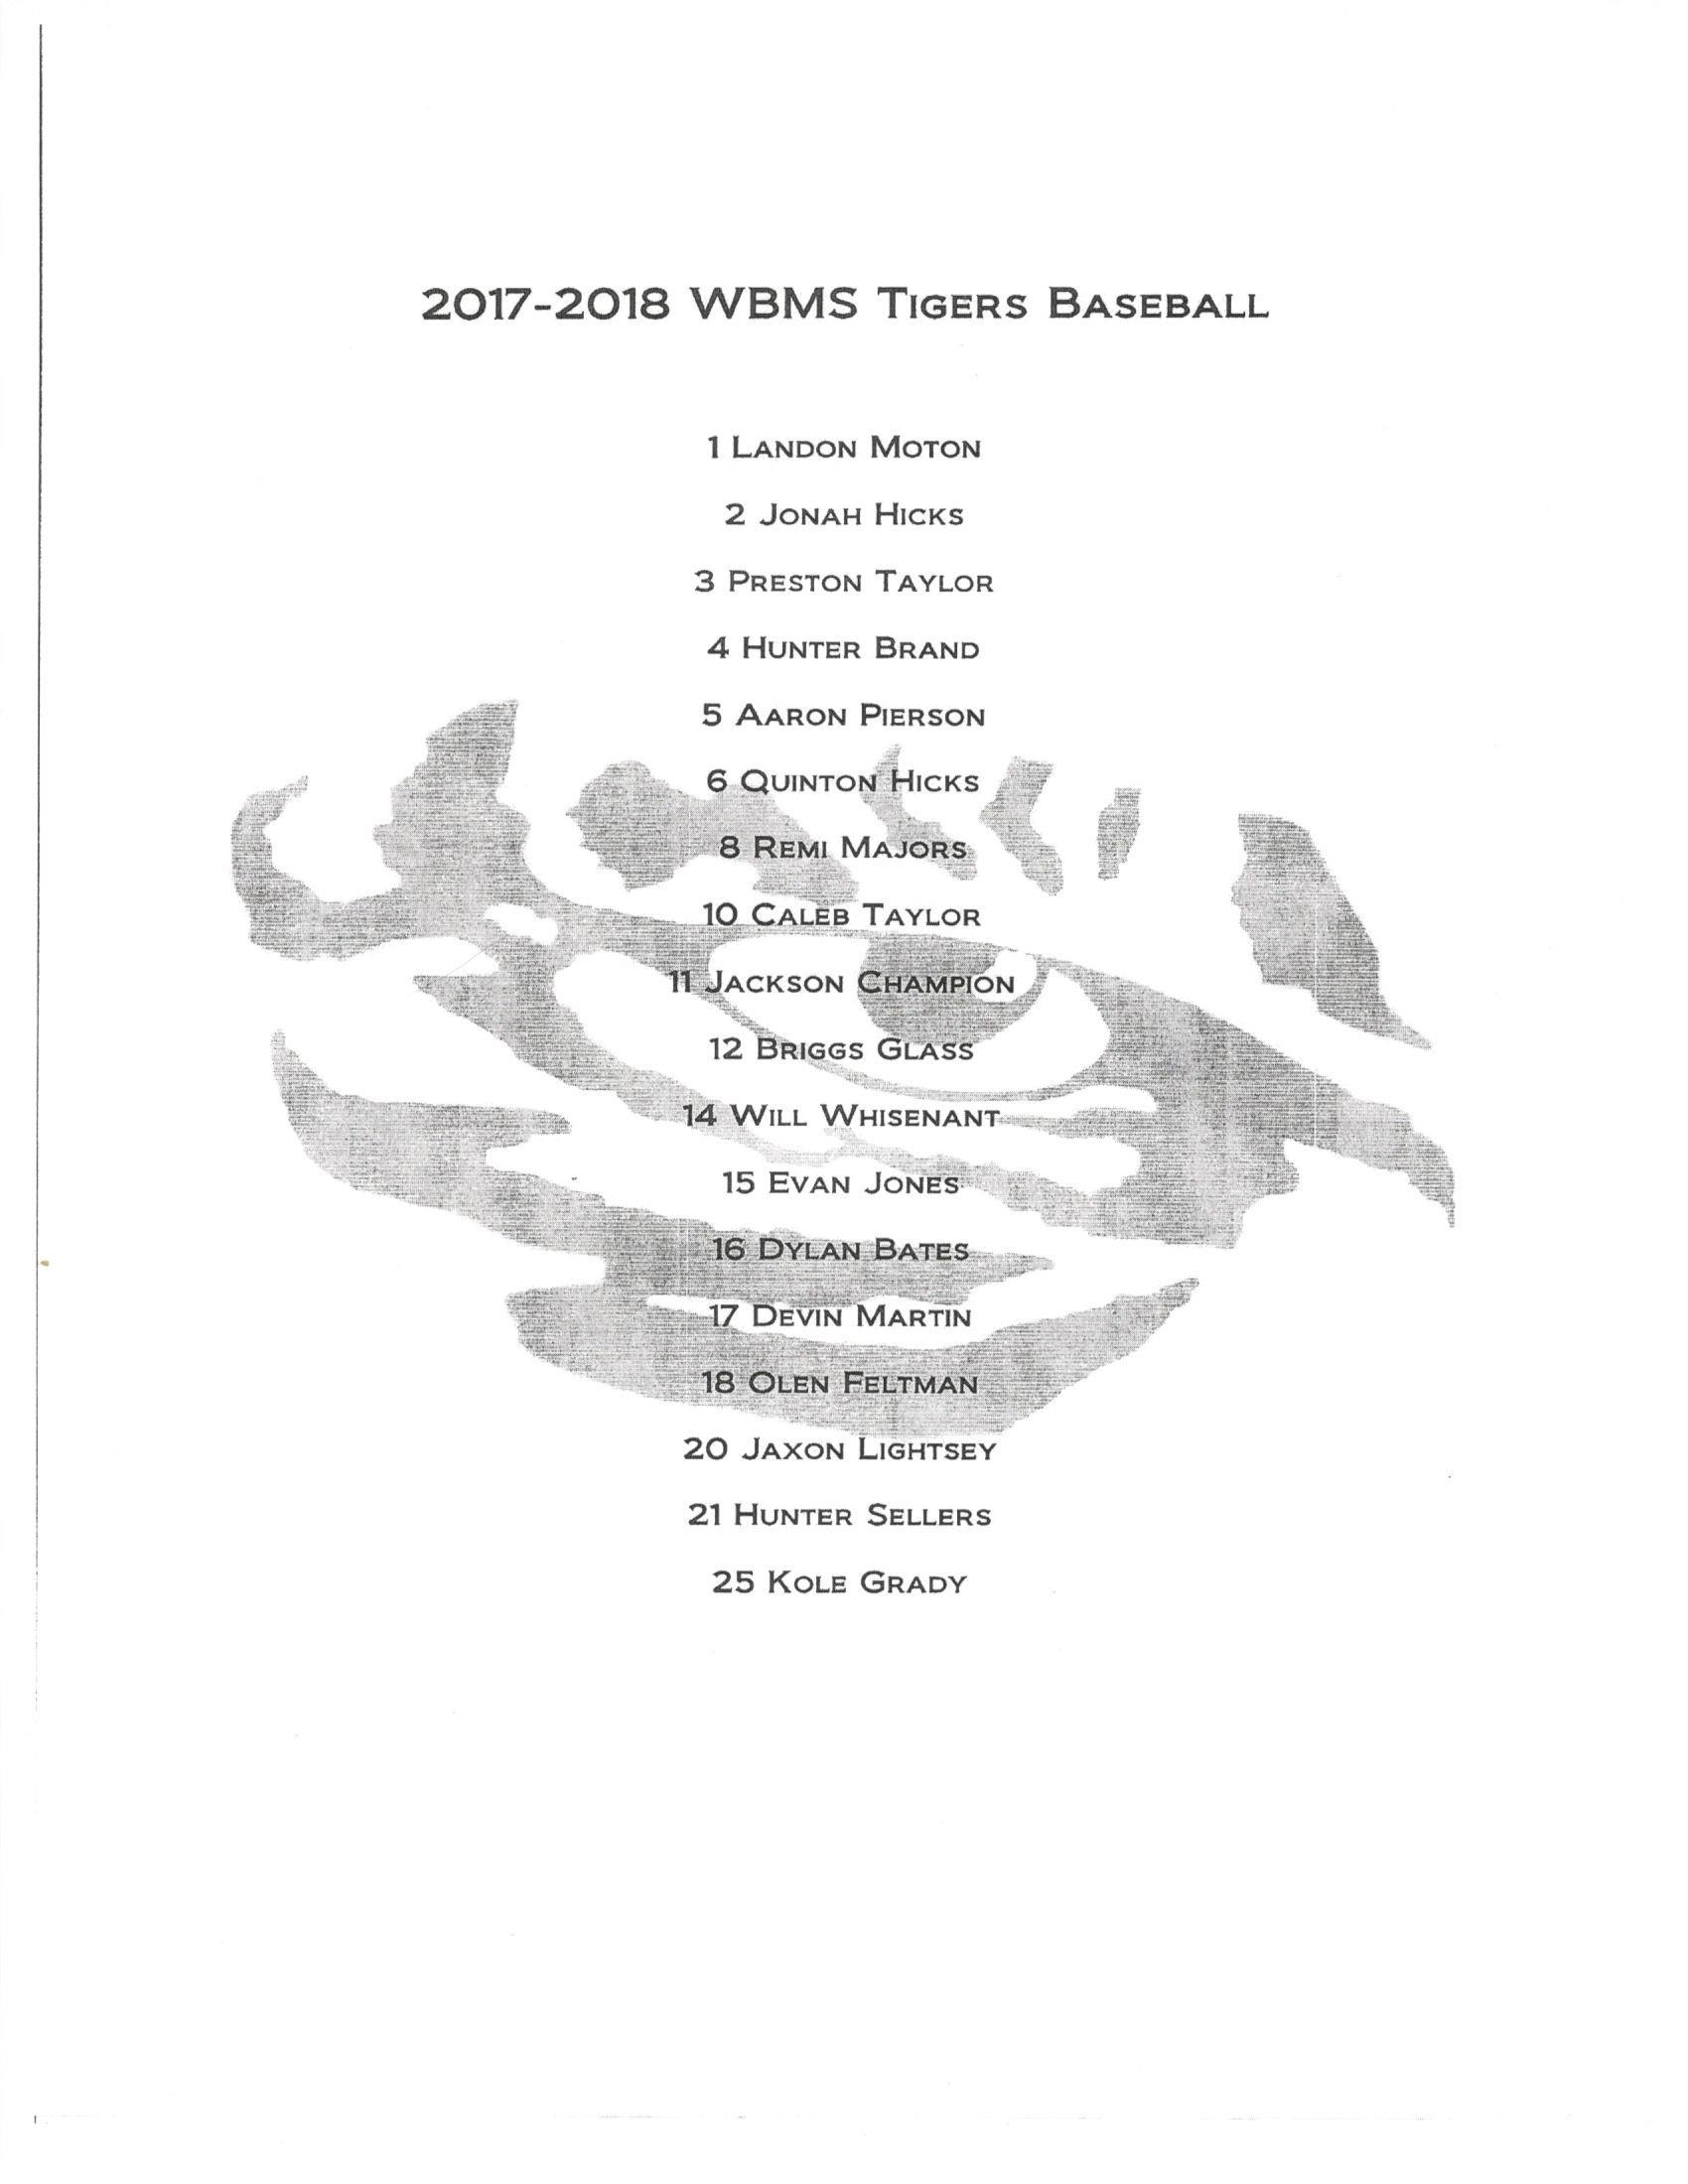 2017-18 WBMS Boys Baseball Roster